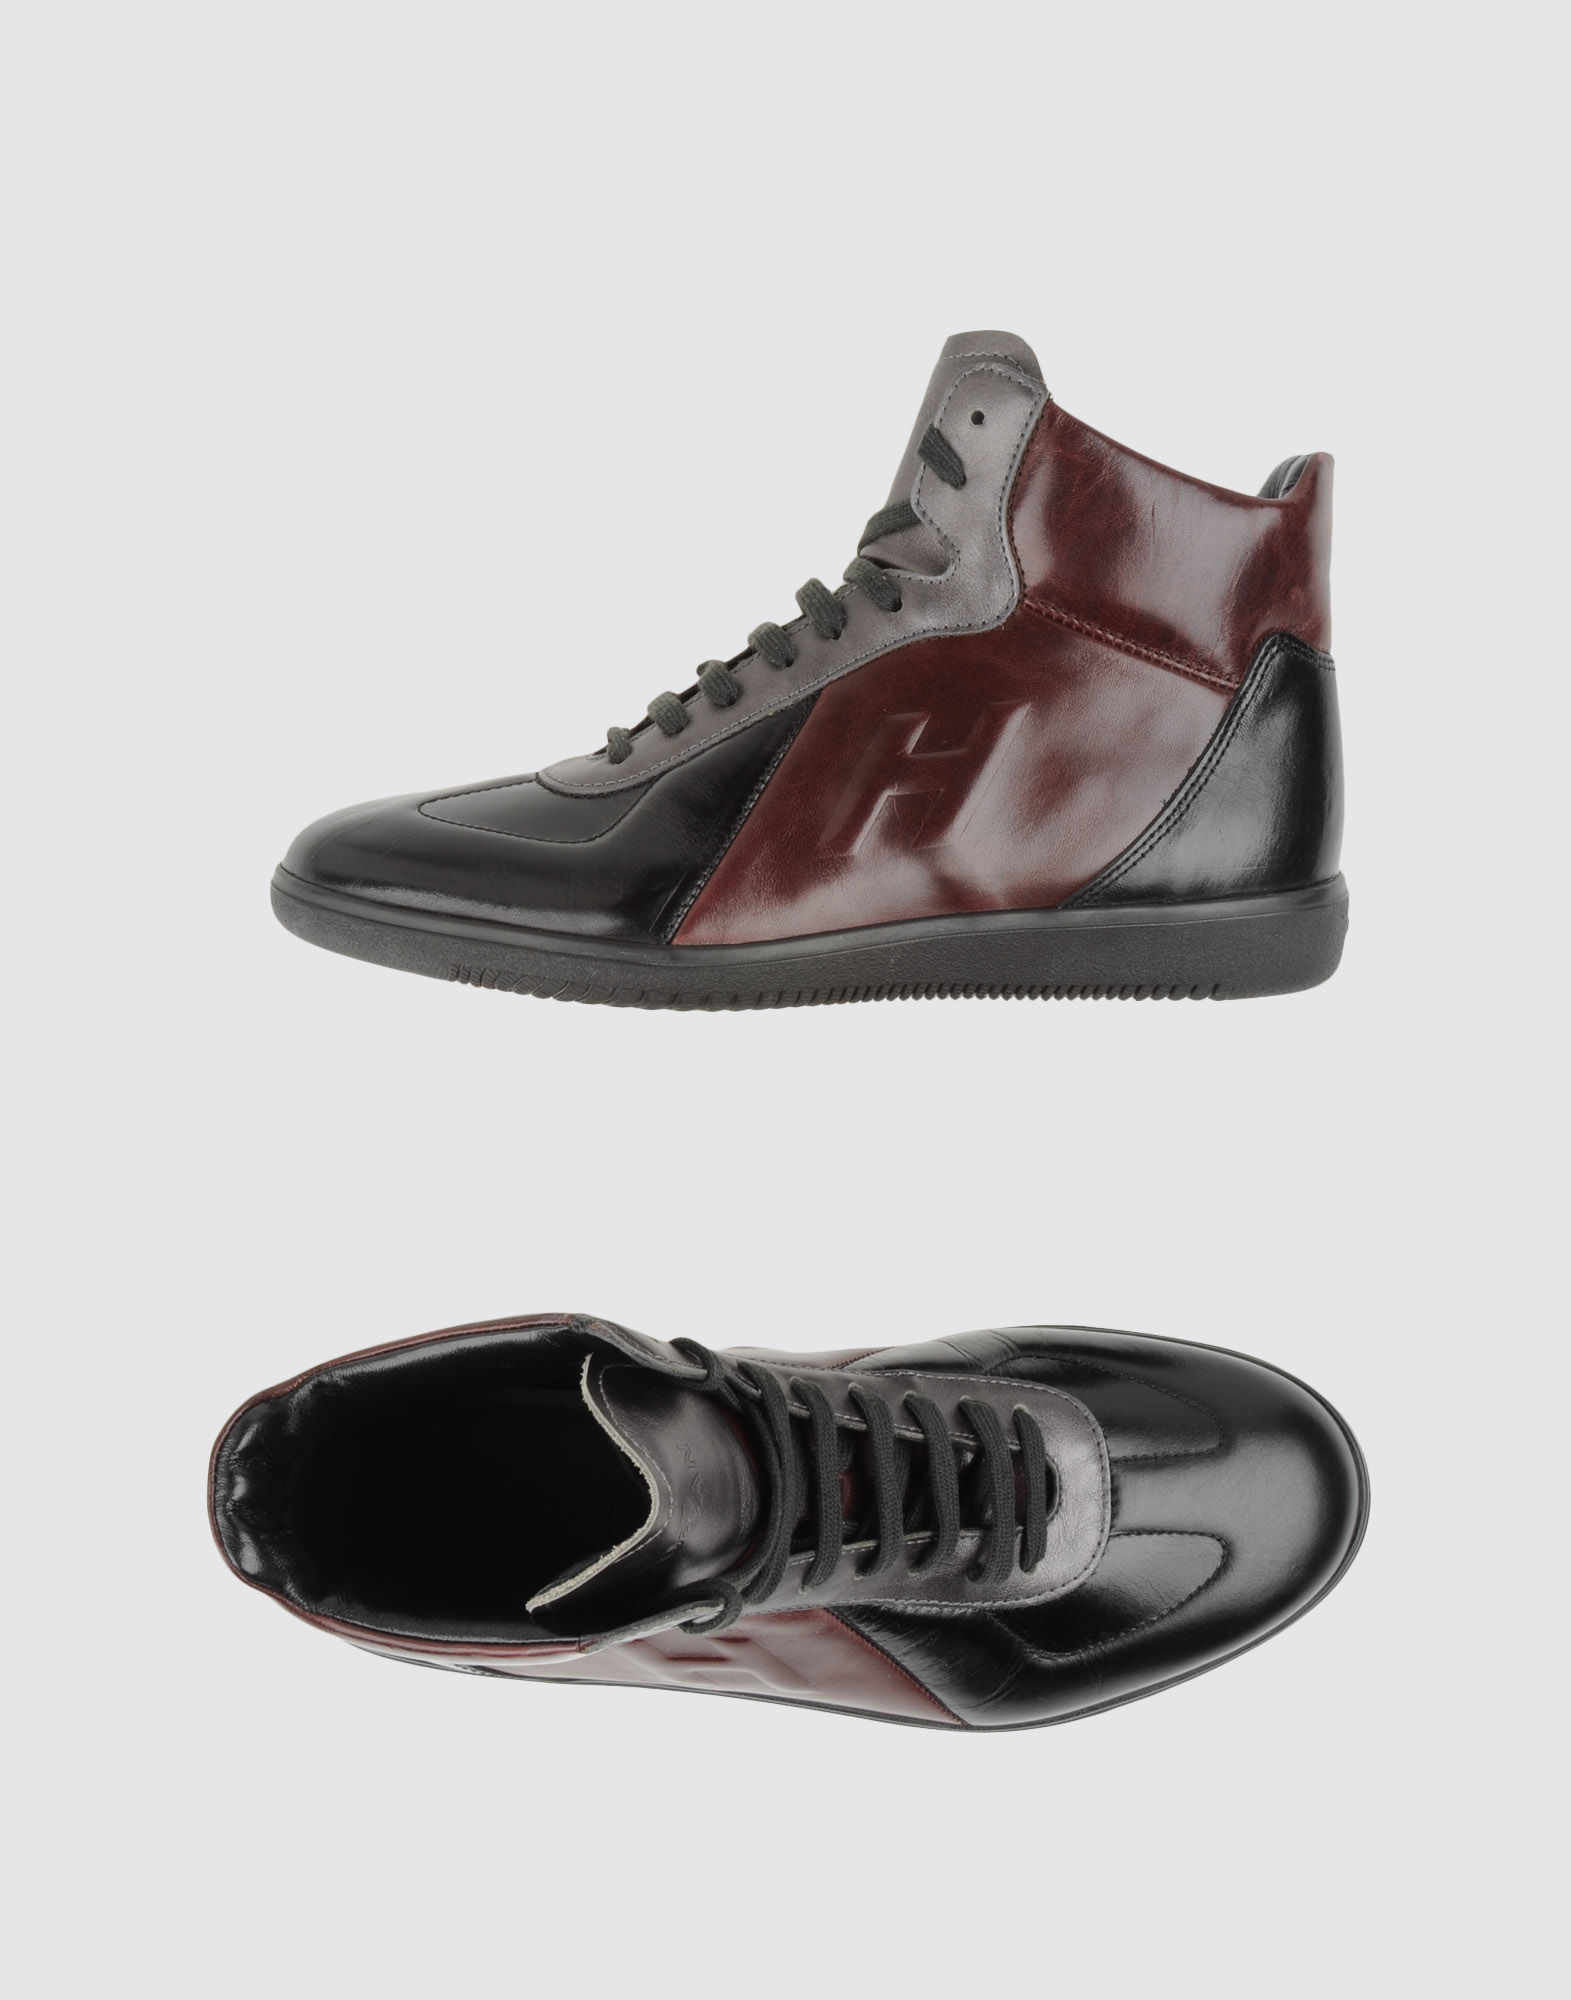 Dove trovare le scarpe hogan a buon prezzo - Dove acquistare mobili a buon prezzo ...